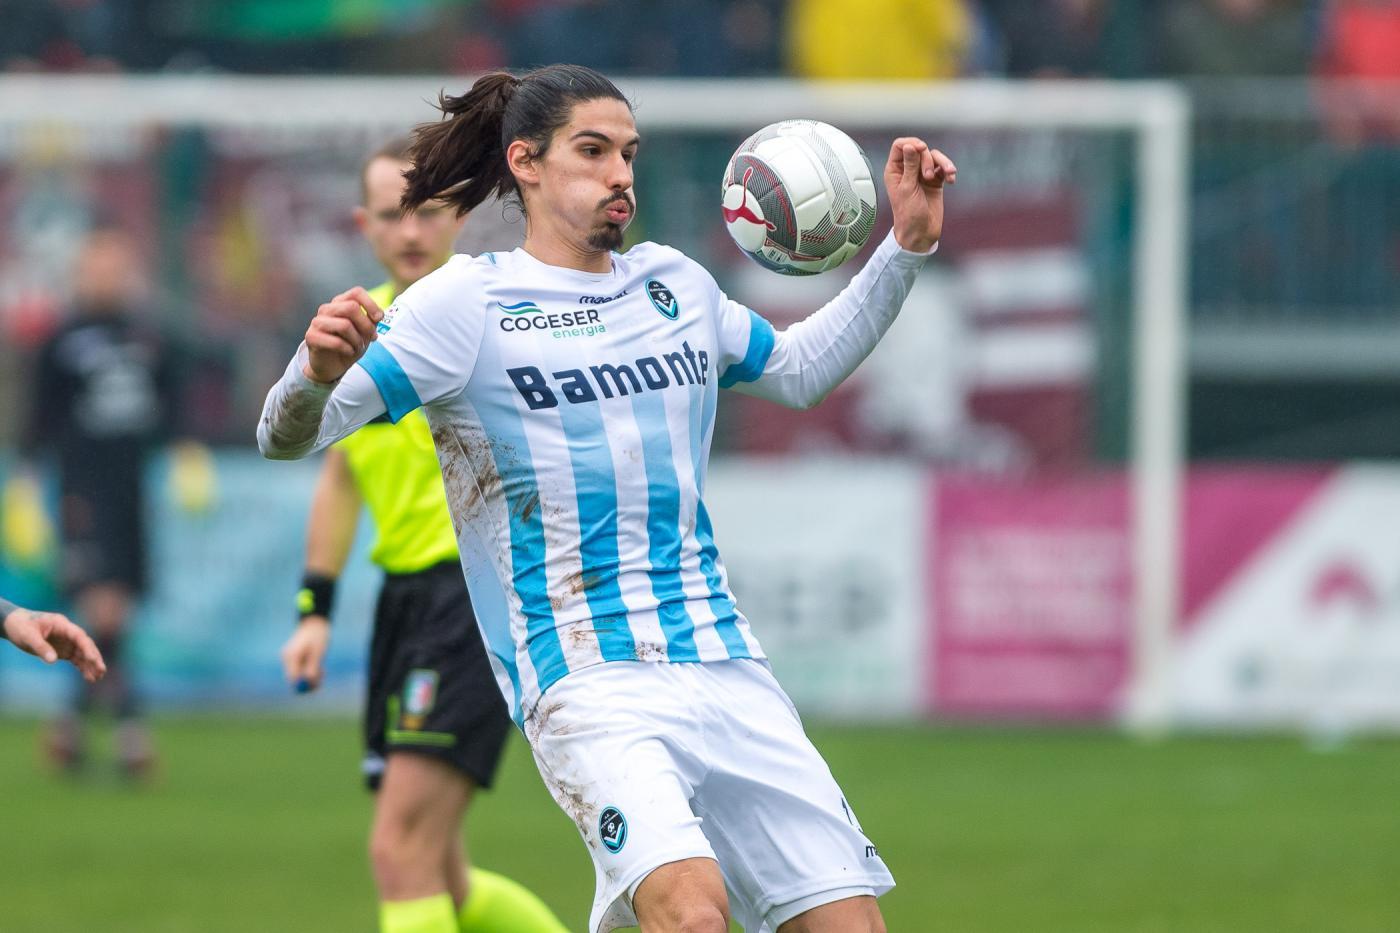 Serie C Gruppo B, Giana Erminio-Teramo 24 marzo: entrambe sognano la zona play off